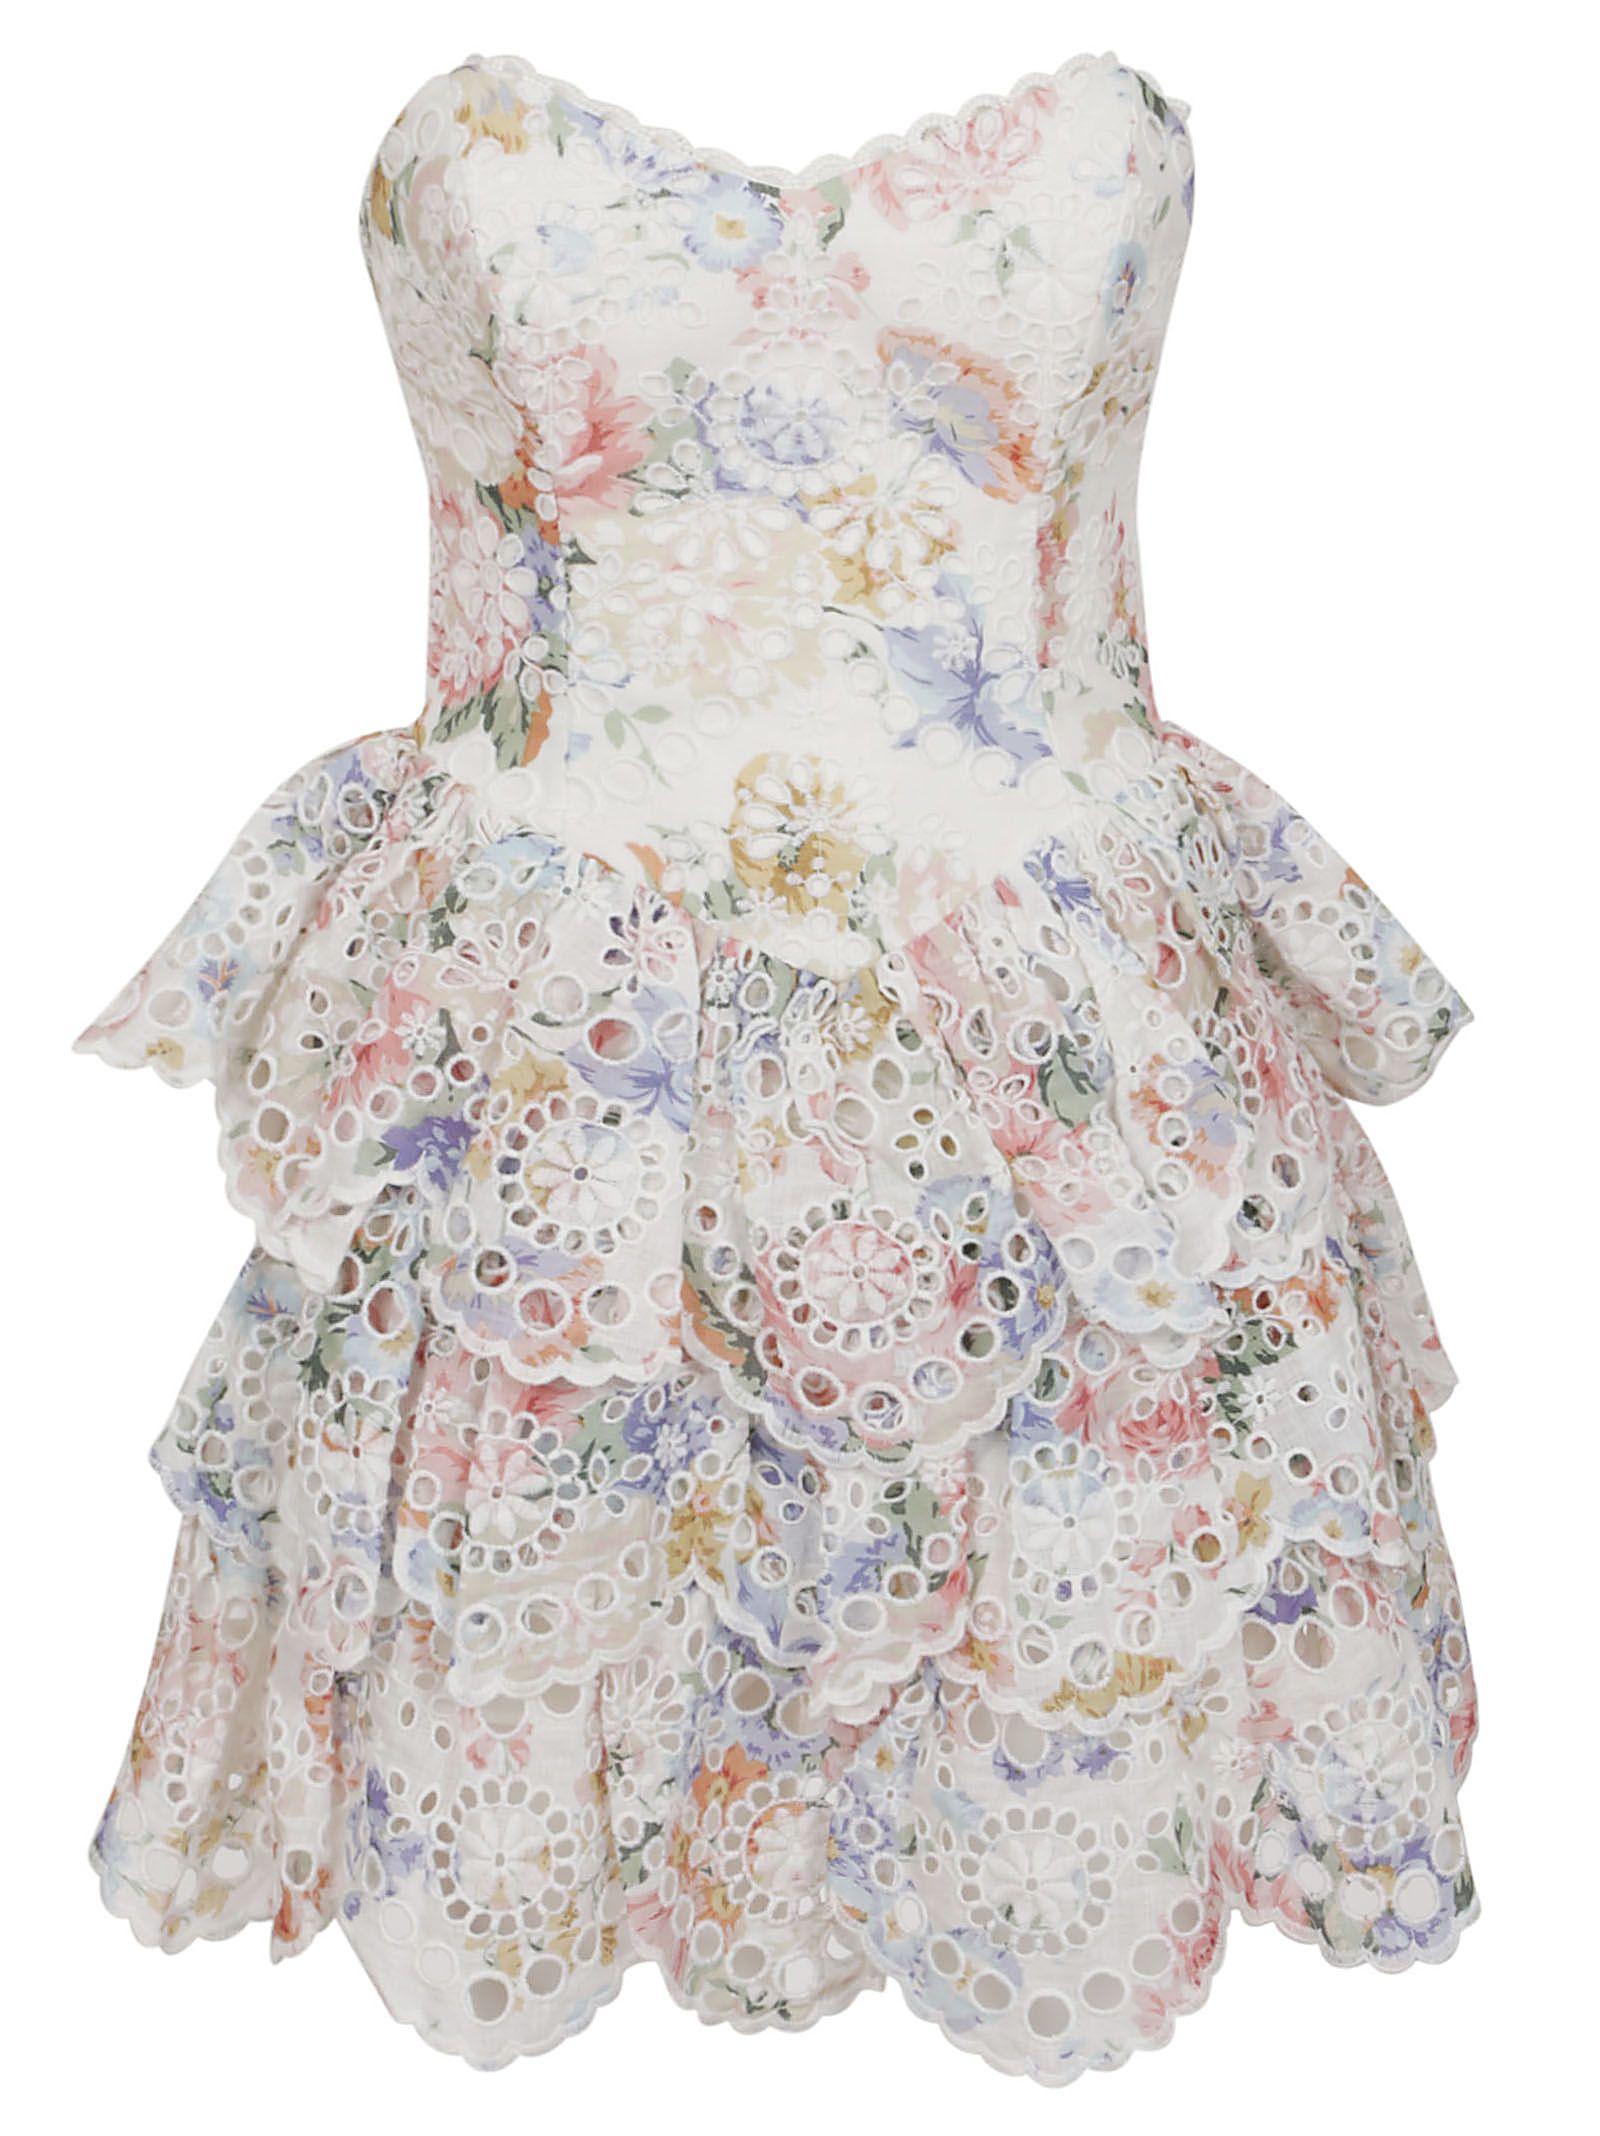 049c433c5c852 Zimmermann Zimmermann Bowie Ruffle Dress - Crf Cream Floral ...